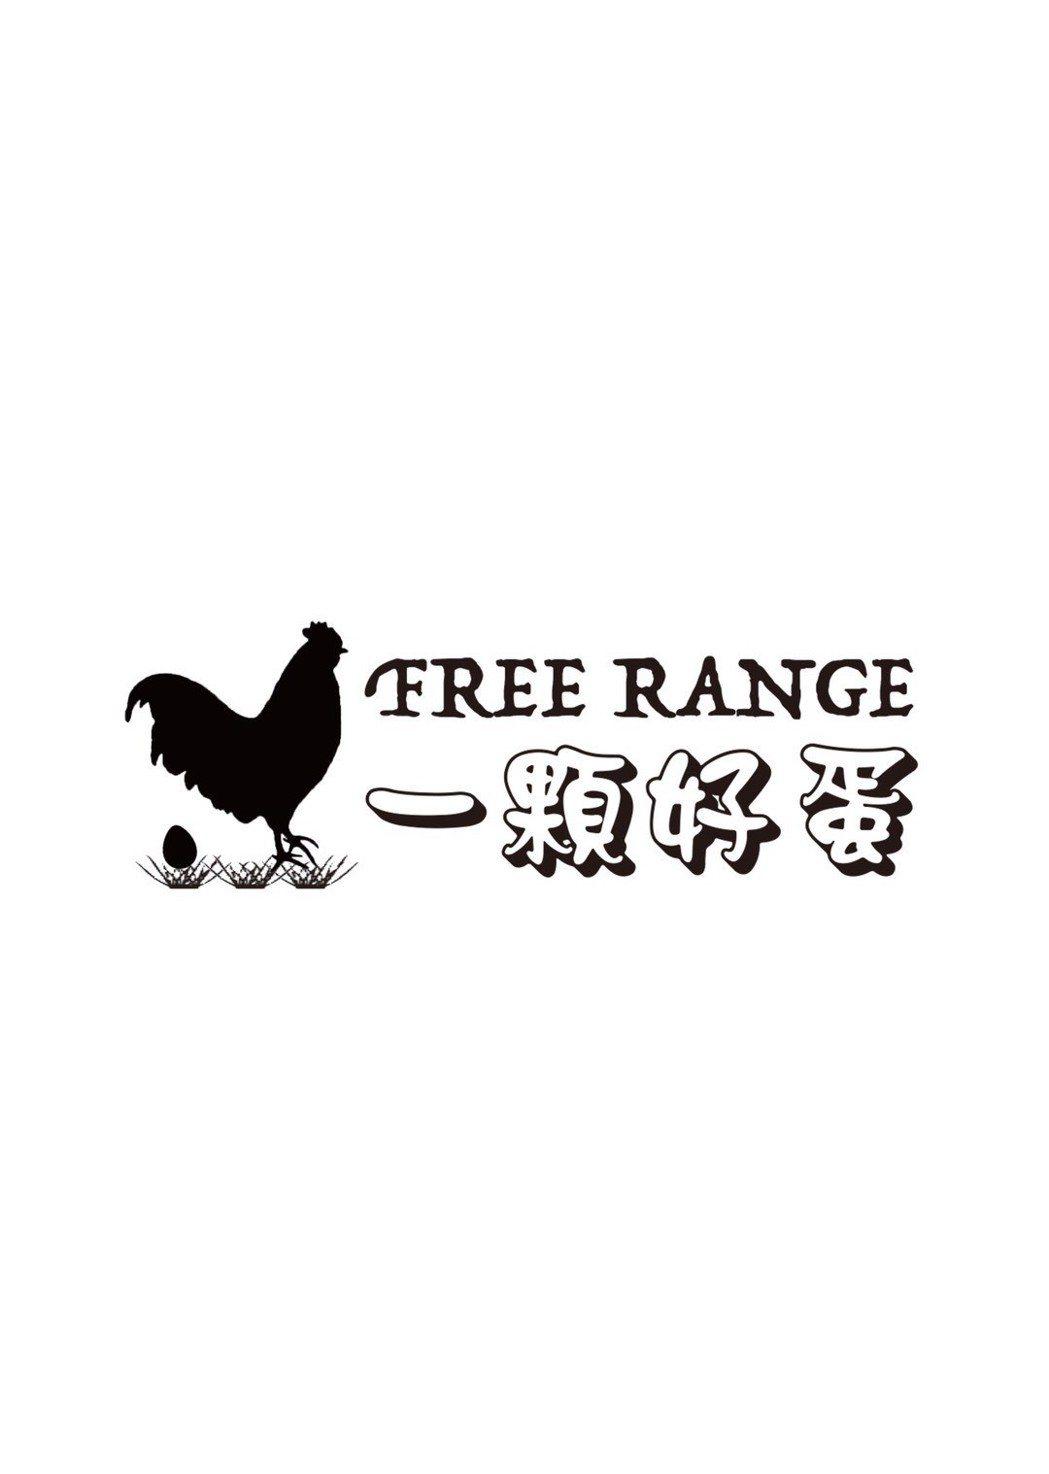 「一顆好蛋」營養價值,目前推出有田園蛋、幸福蛋、極品養生蛋及無毒乳酸蛋等品項,大...